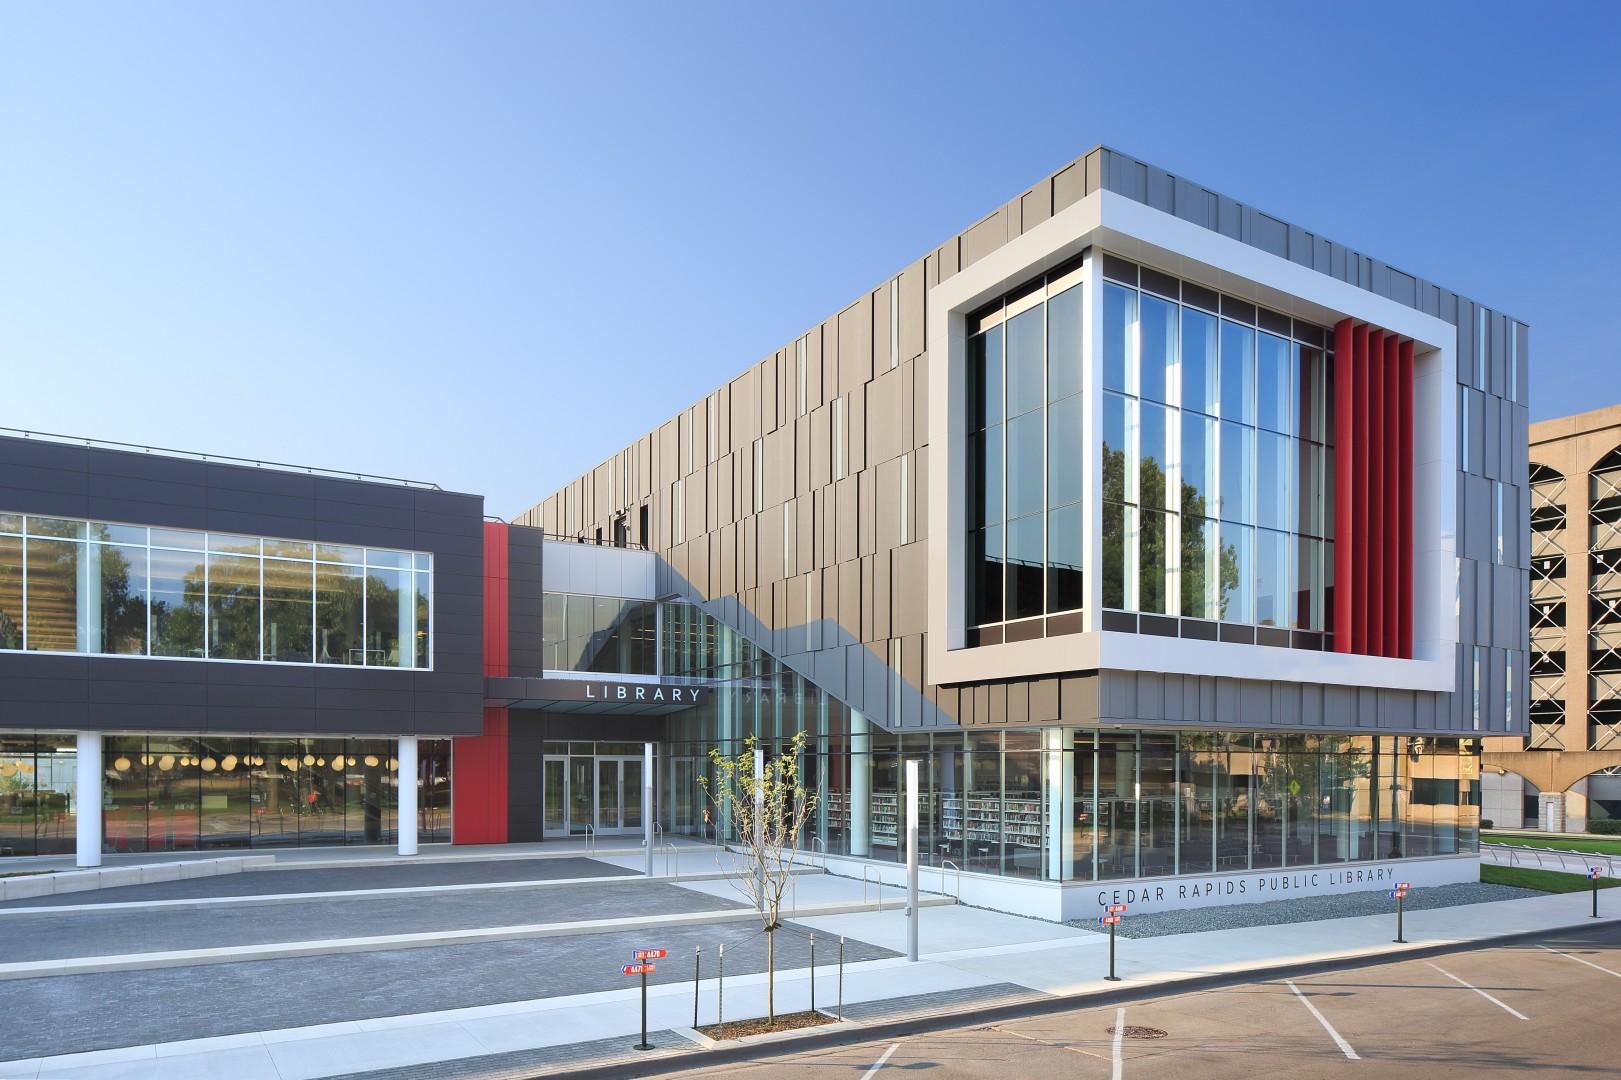 Cedar Rapids Public Library (Cedar Rapids)